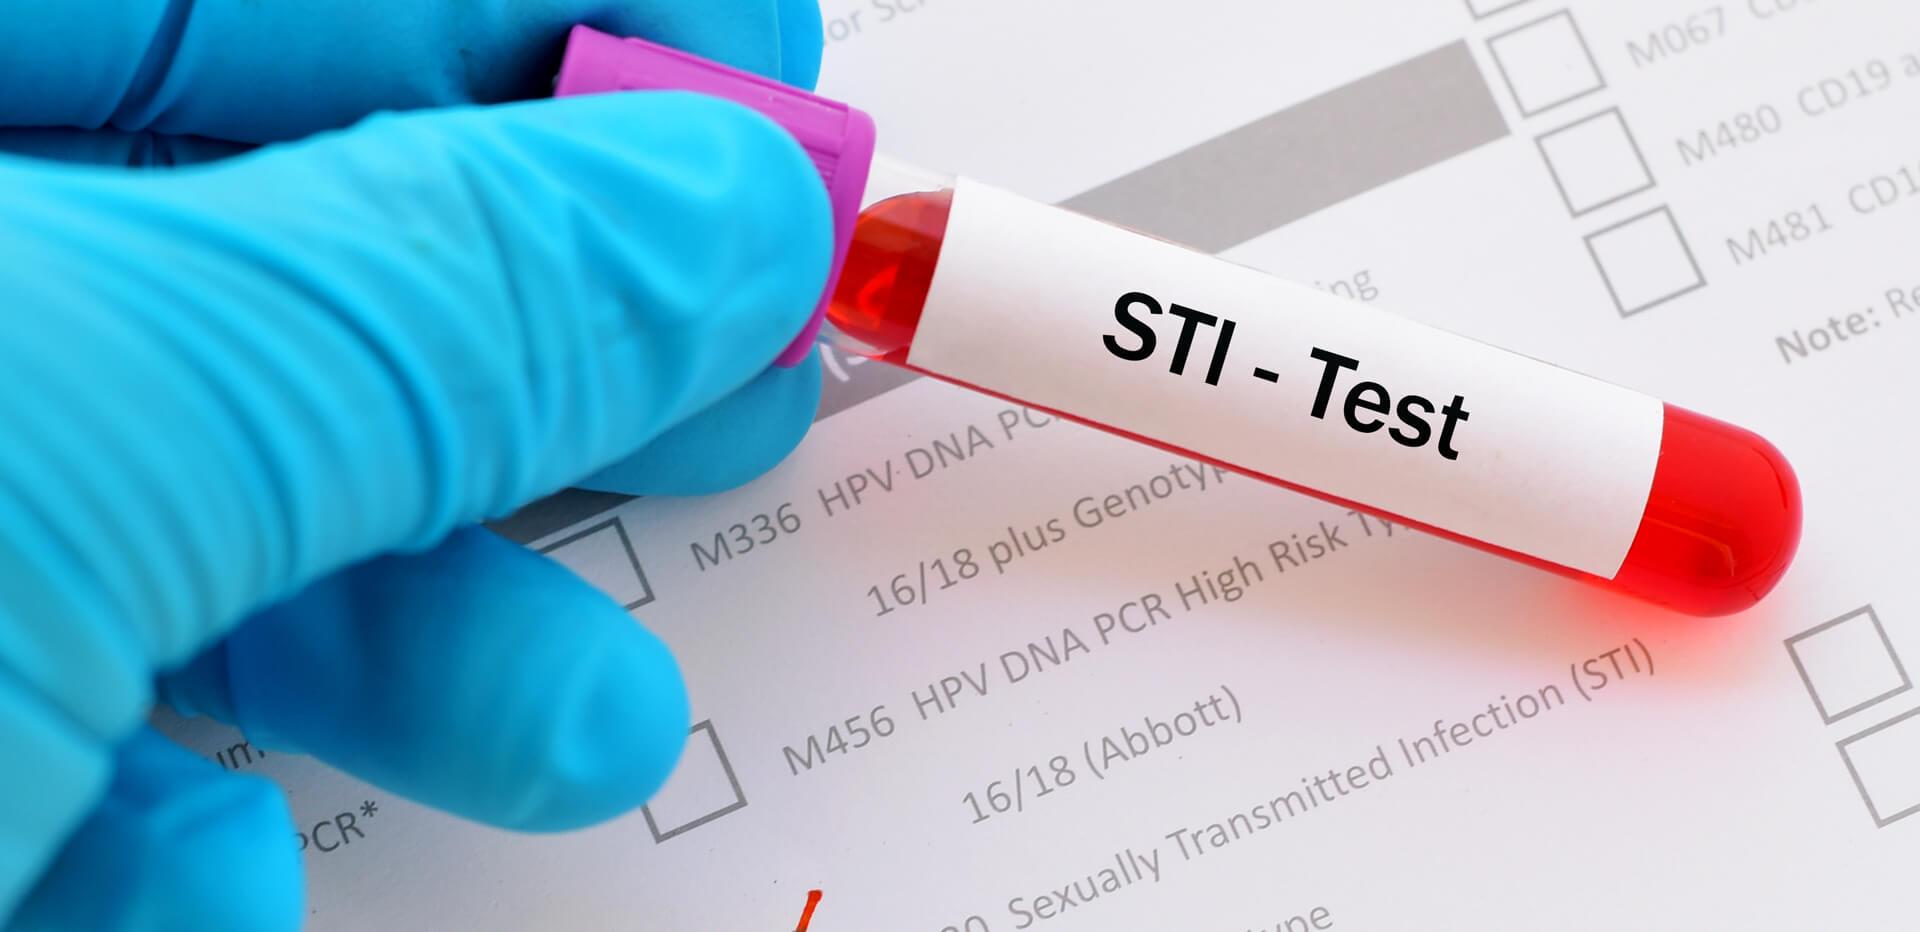 Premier Plus STI Blood Profile (advanced screen) SH5